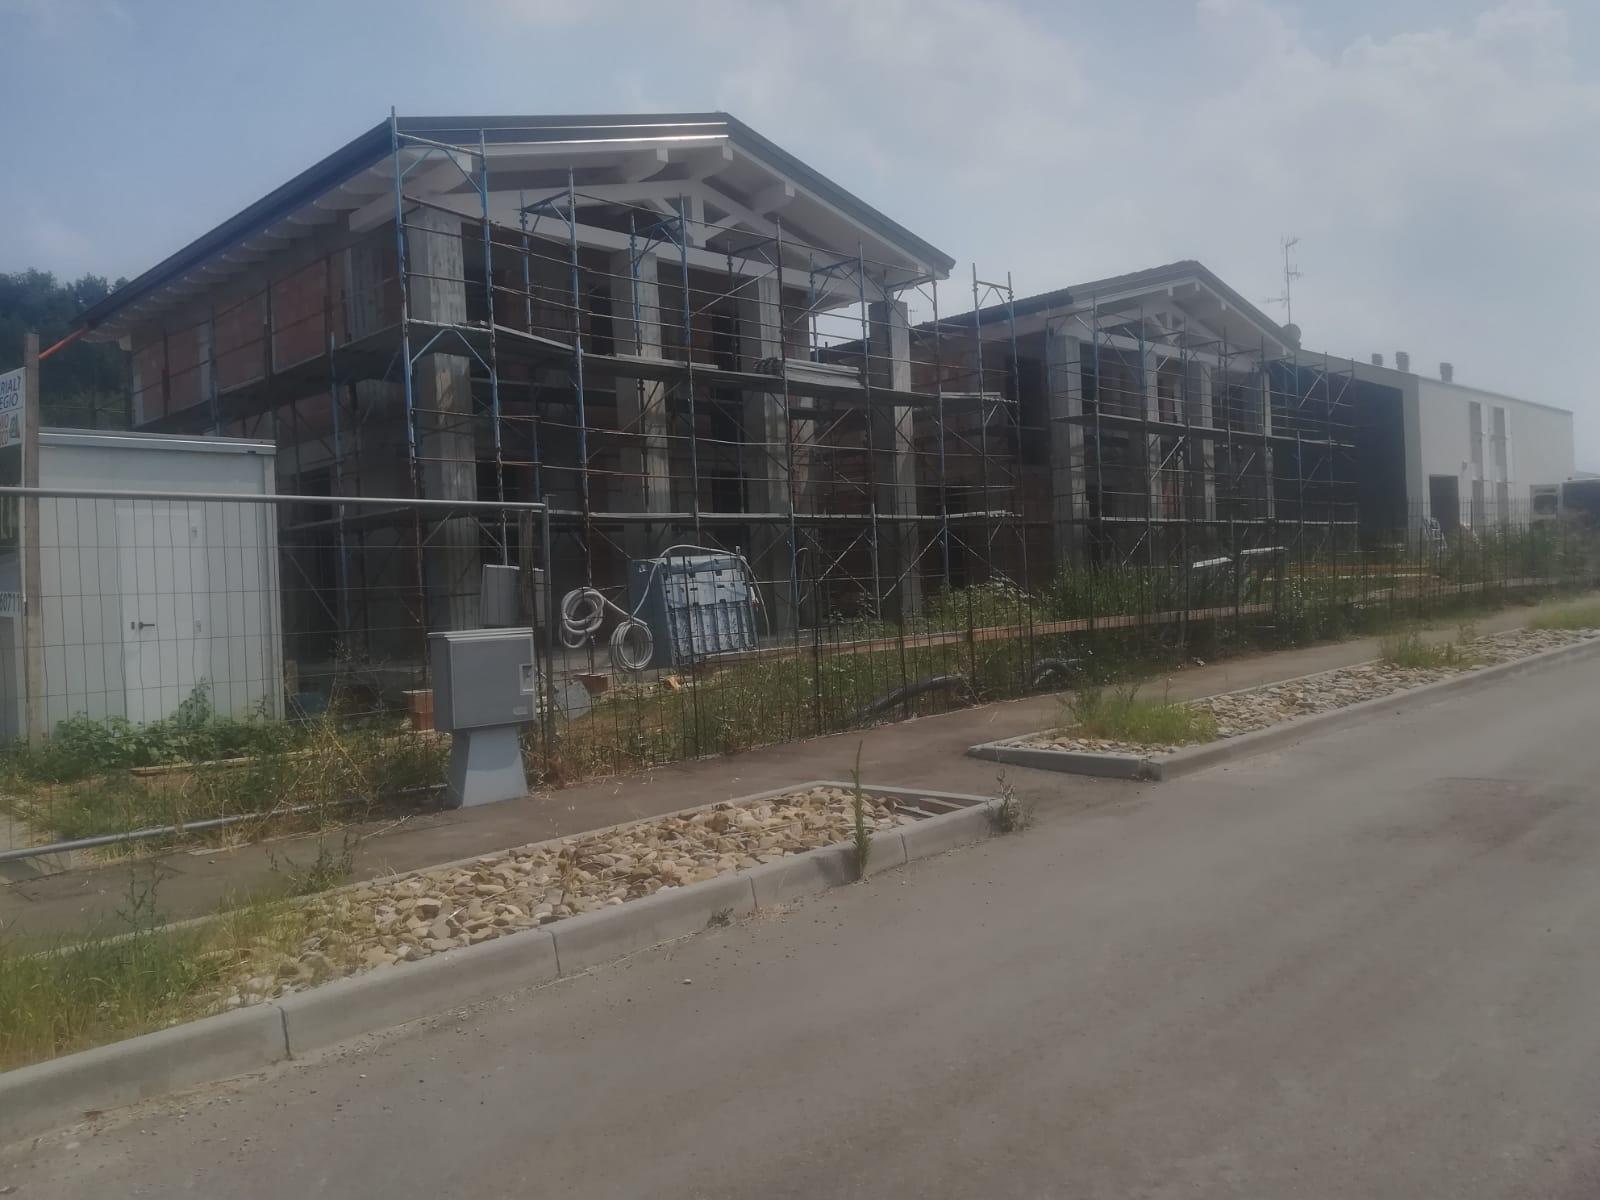 costruzioni edil 900 costruzioni canossa val d'enza reggio emilia parma